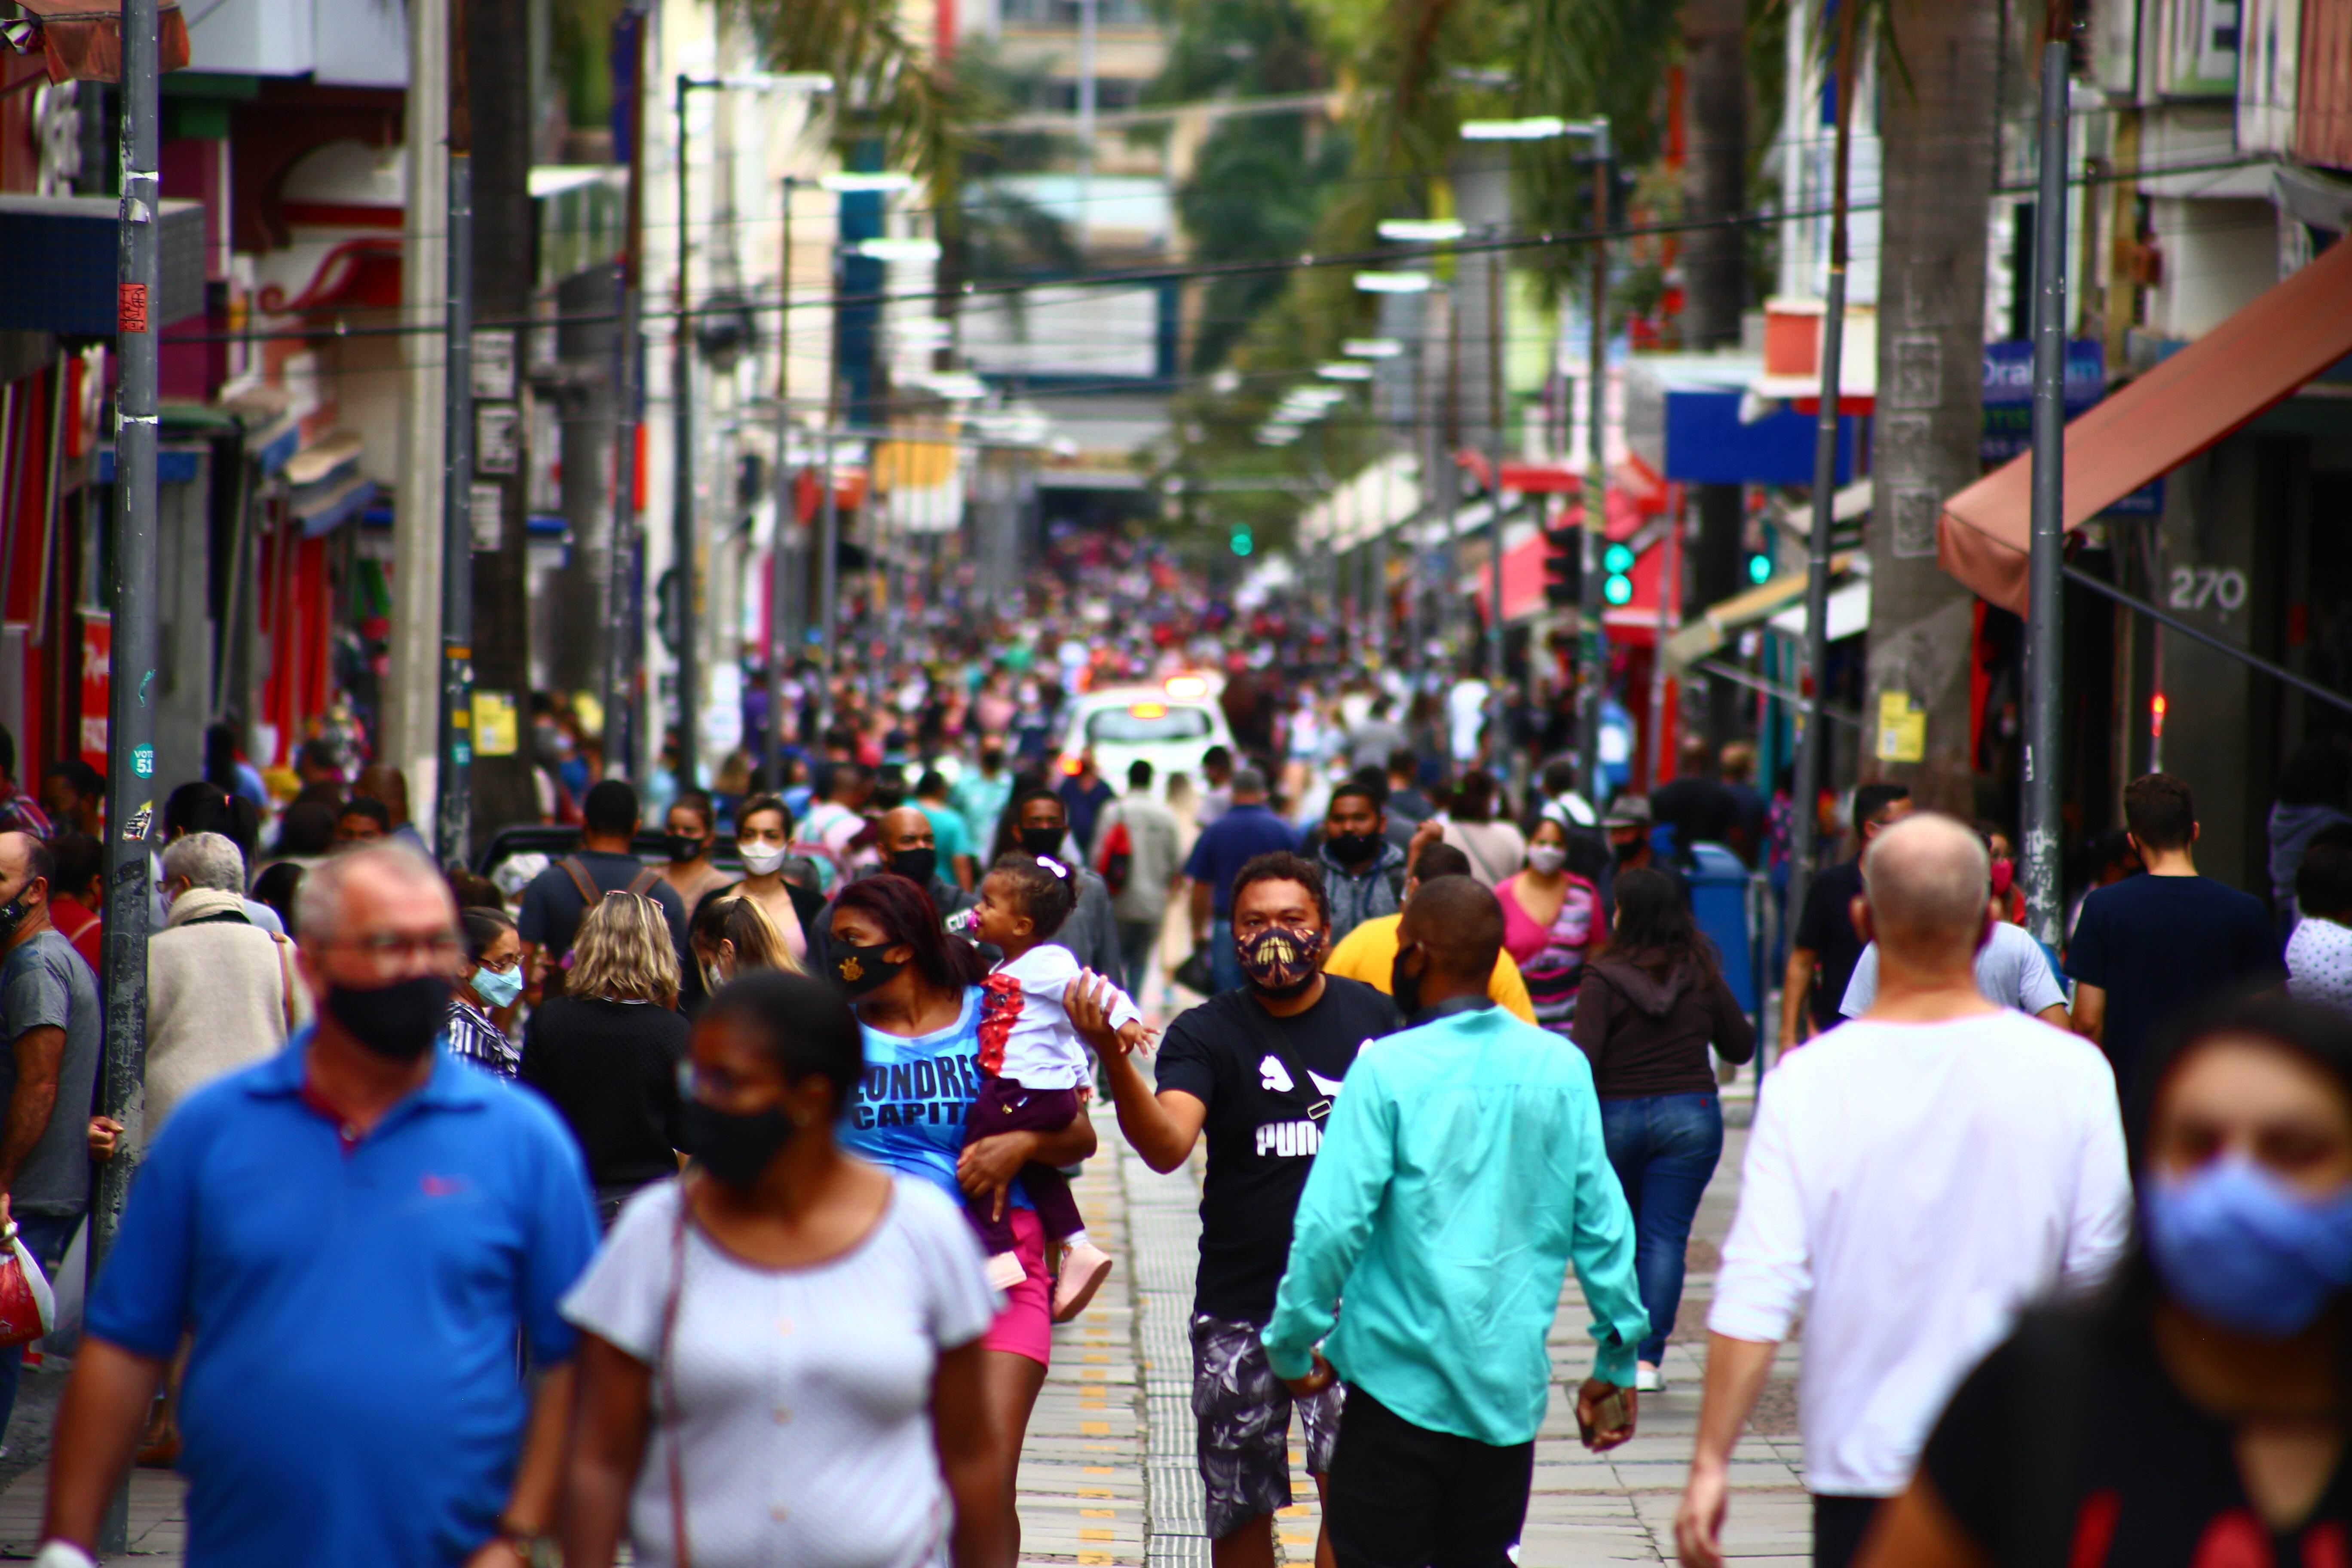 Movimentação no centro de Campinas, em São Paulo, em meio a pandemia da Covid-19